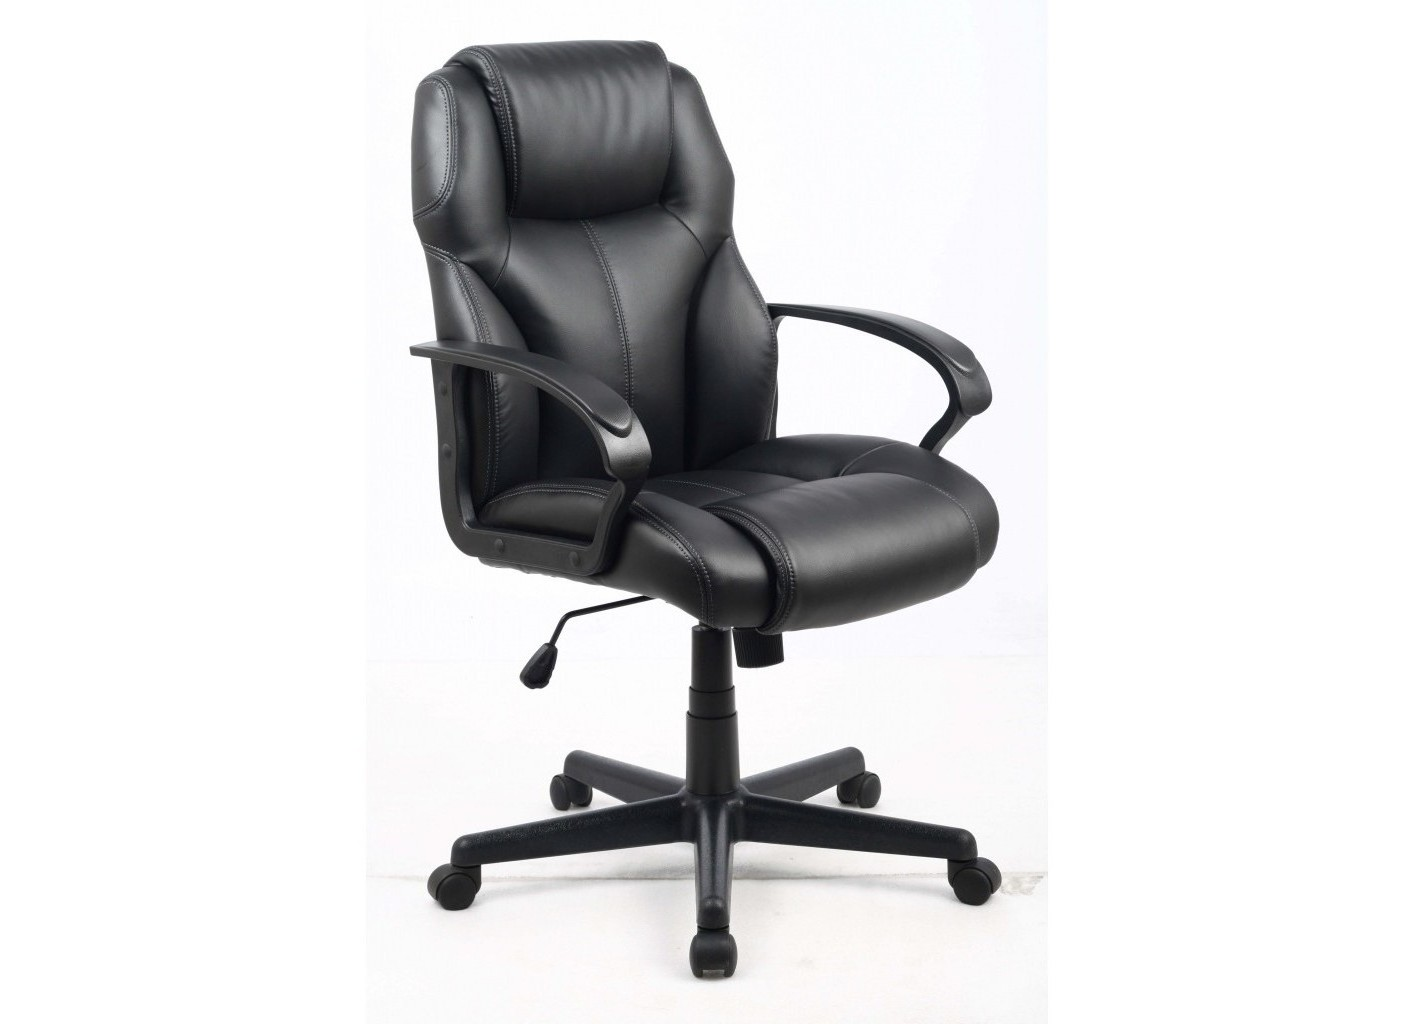 Кресло CollegeРабочие кресла<br>&amp;lt;div&amp;gt;Кресло руководителя бизнес-класса&amp;amp;nbsp;&amp;lt;/div&amp;gt;&amp;lt;div&amp;gt;&amp;lt;br&amp;gt;&amp;lt;/div&amp;gt;&amp;lt;div&amp;gt;Конструкция:&amp;amp;nbsp;&amp;lt;/div&amp;gt;&amp;lt;div&amp;gt;Механизм качания с регулировкой под вес и фиксацией в вертикальном положении&amp;amp;nbsp;&amp;lt;/div&amp;gt;&amp;lt;div&amp;gt;Регулировка высоты (газлифт)&amp;amp;nbsp;&amp;lt;/div&amp;gt;&amp;lt;div&amp;gt;Подлокотники выполнены из ударопрочного пластика&amp;lt;/div&amp;gt;&amp;lt;div&amp;gt;Материал обивки: кожа PU&amp;amp;nbsp;&amp;lt;/div&amp;gt;&amp;lt;div&amp;gt;Ограничение по весу: 120 кг&amp;lt;/div&amp;gt;<br><br>Material: Экокожа<br>Ширина см: 70<br>Высота см: 110<br>Глубина см: 70